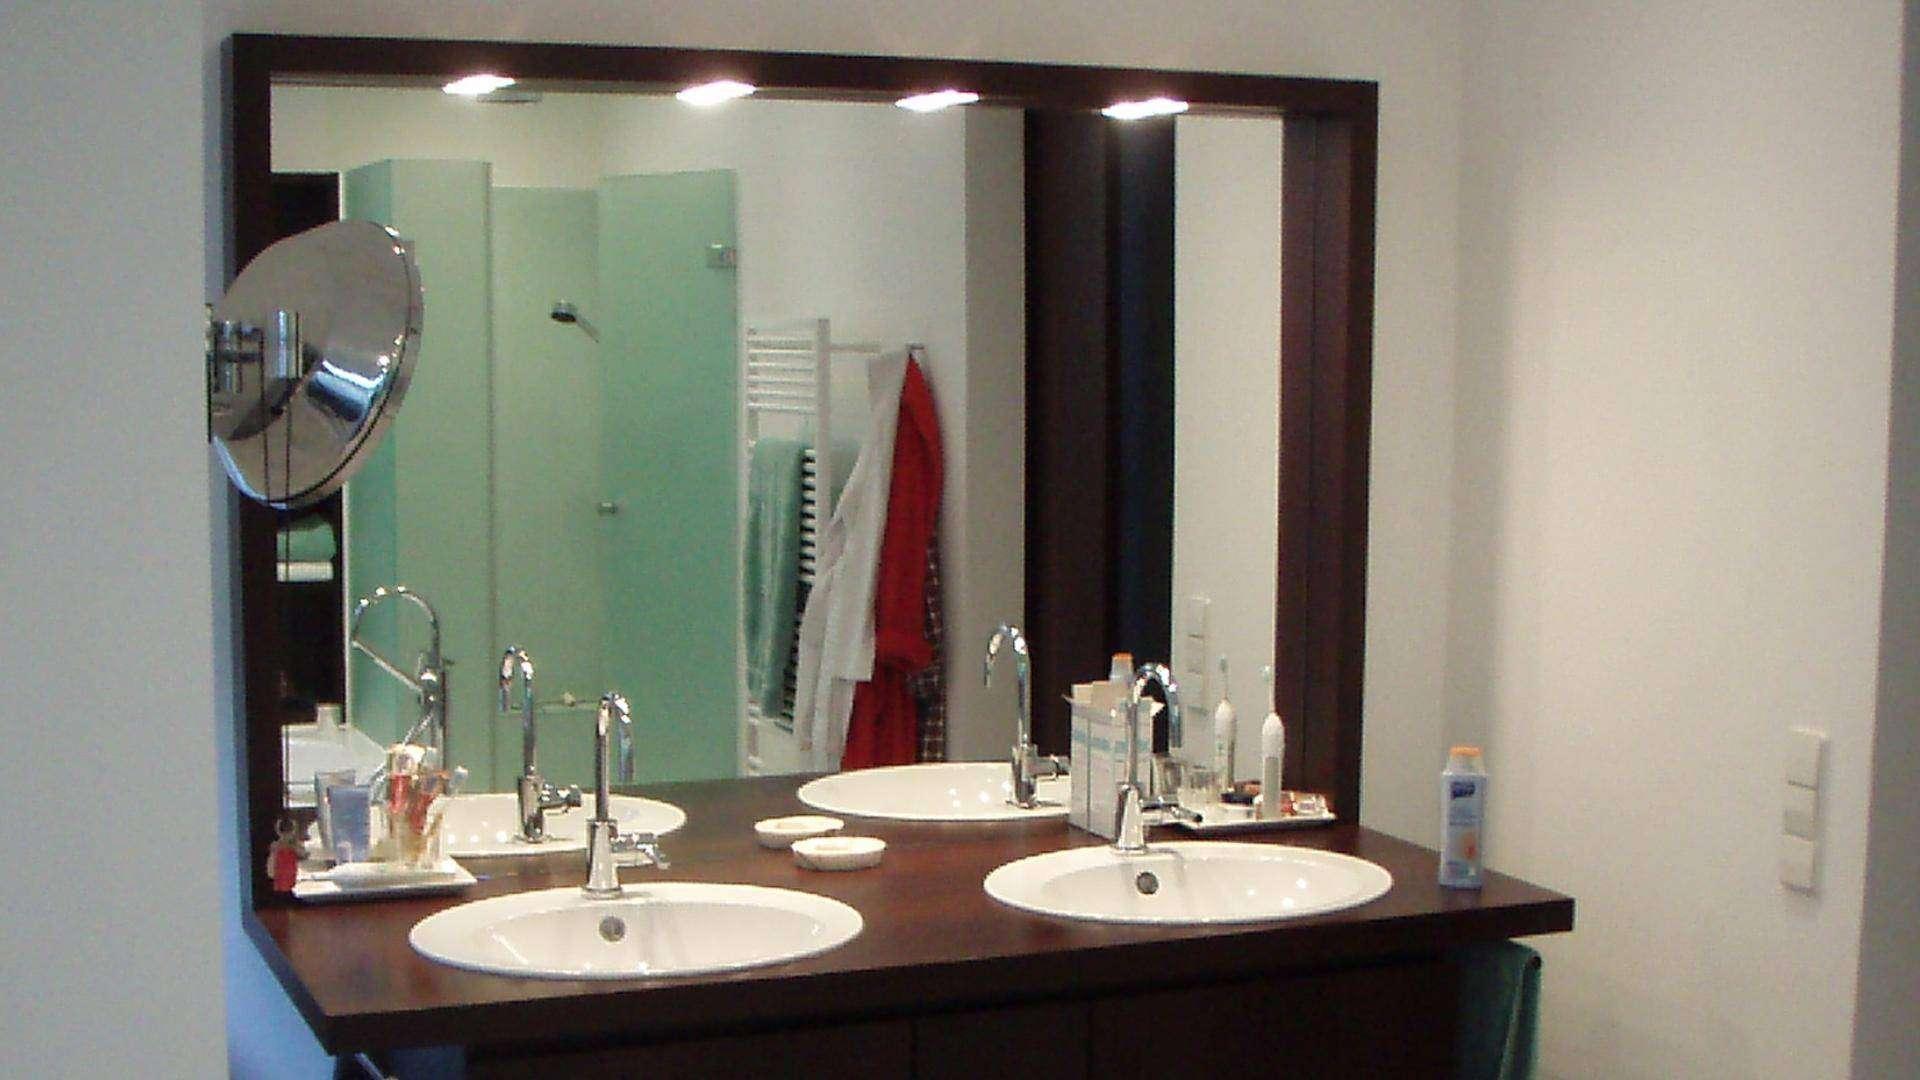 Spiegel hinter zwei Waschbecken